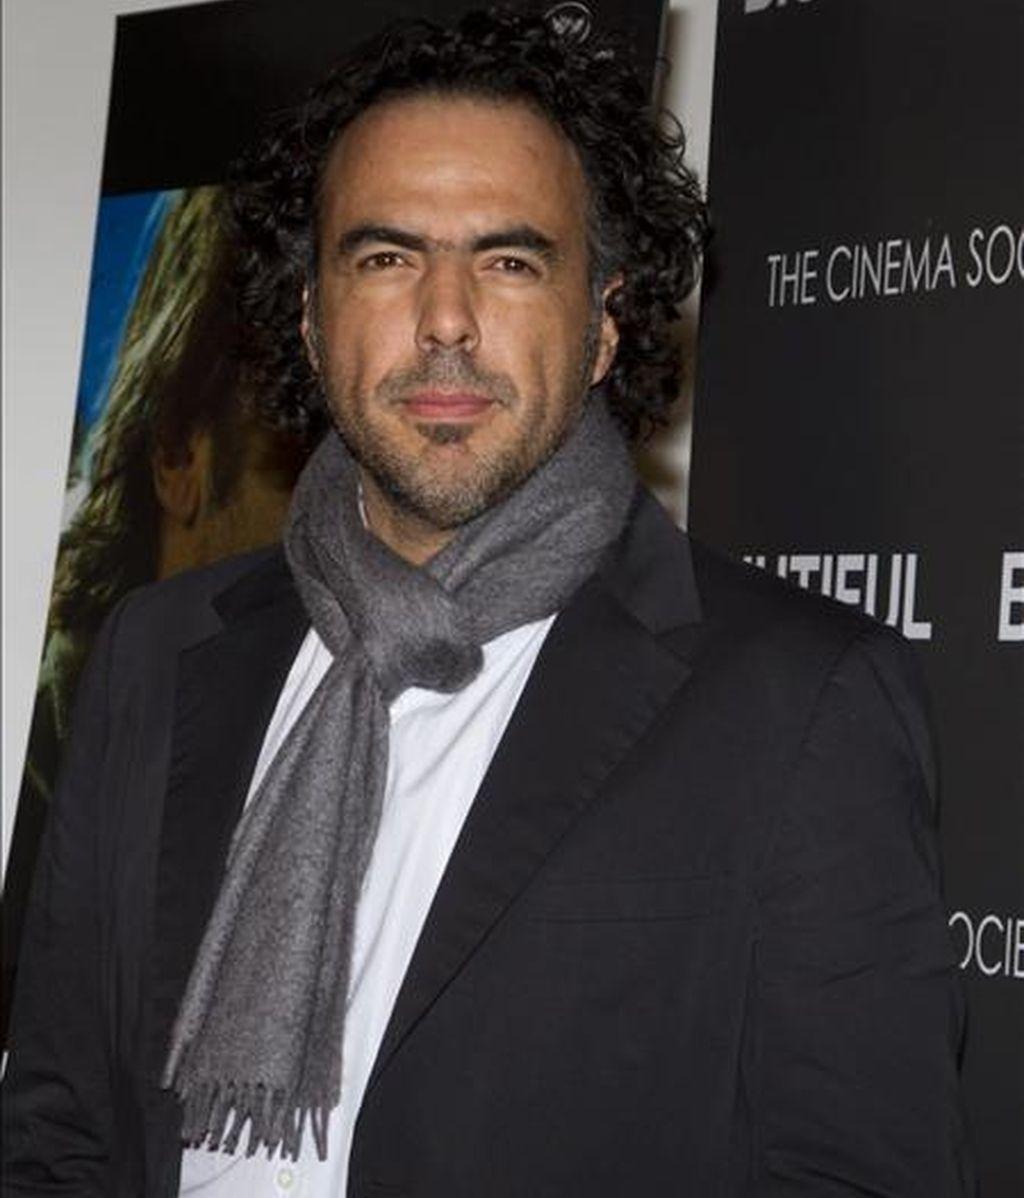 """El galardón a la Mejor película en habla no inglesa parece tener a """"Biutiful"""", de Alejandro González Iñárritu, como una apuesta fija, aunque éste es un galardón abierto a sorpresas. EFE/Archivo"""